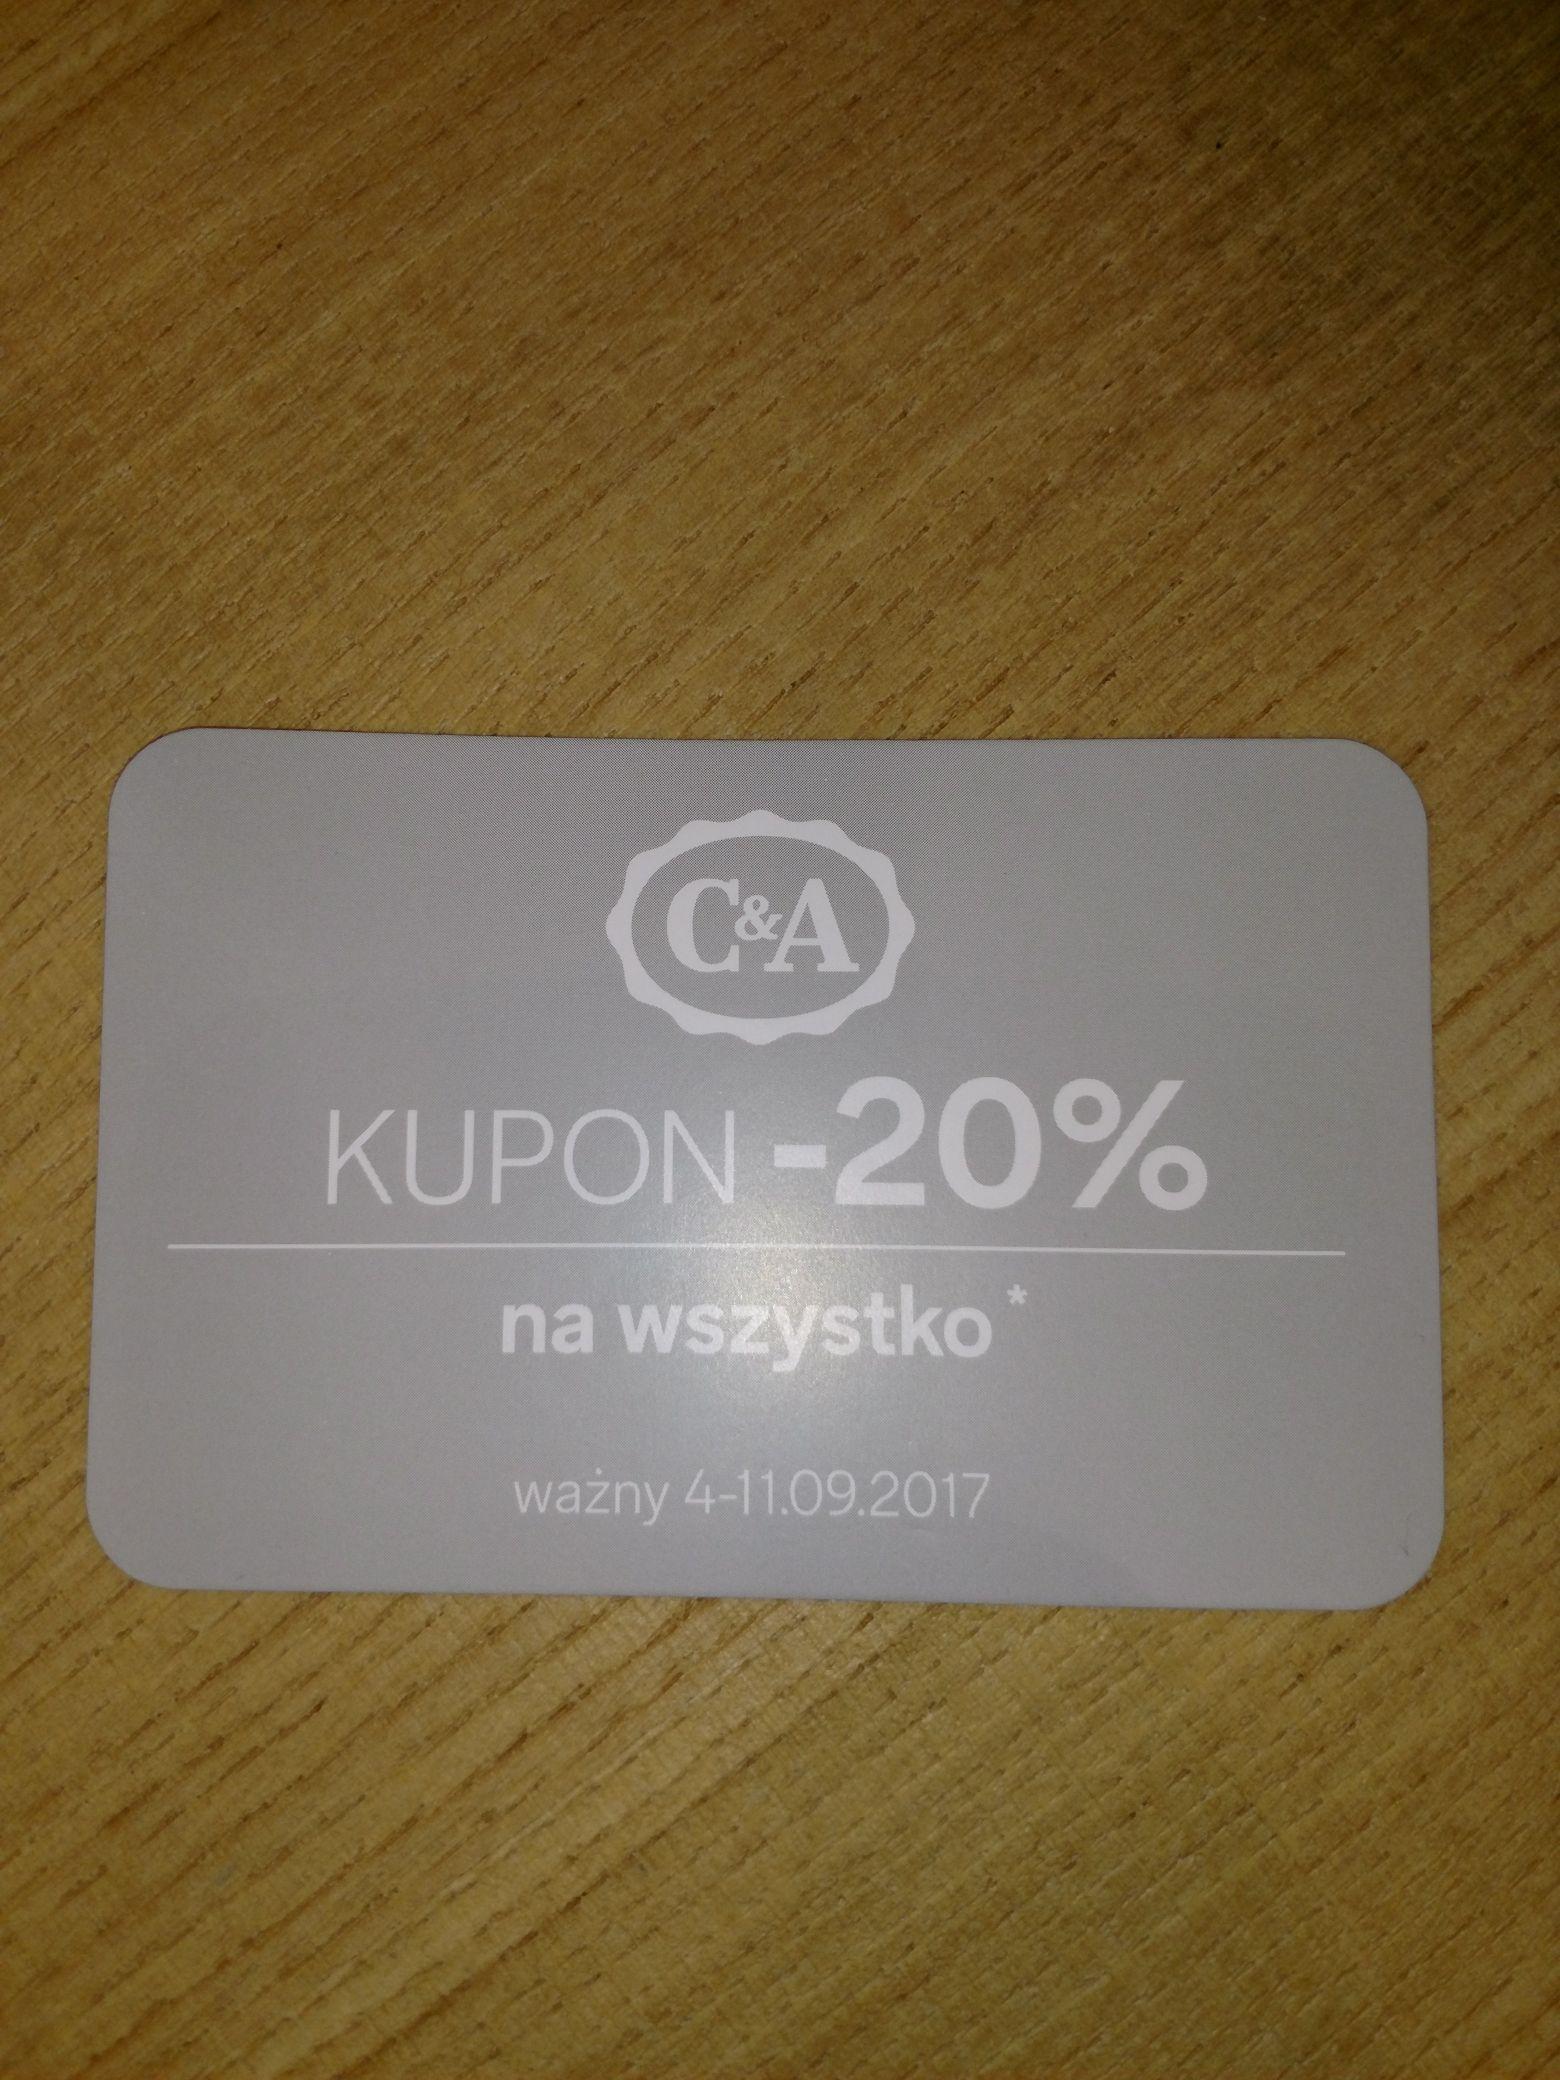 C&A Kupon -20% w sklepach oraz on-line (MWZ 76 zł)